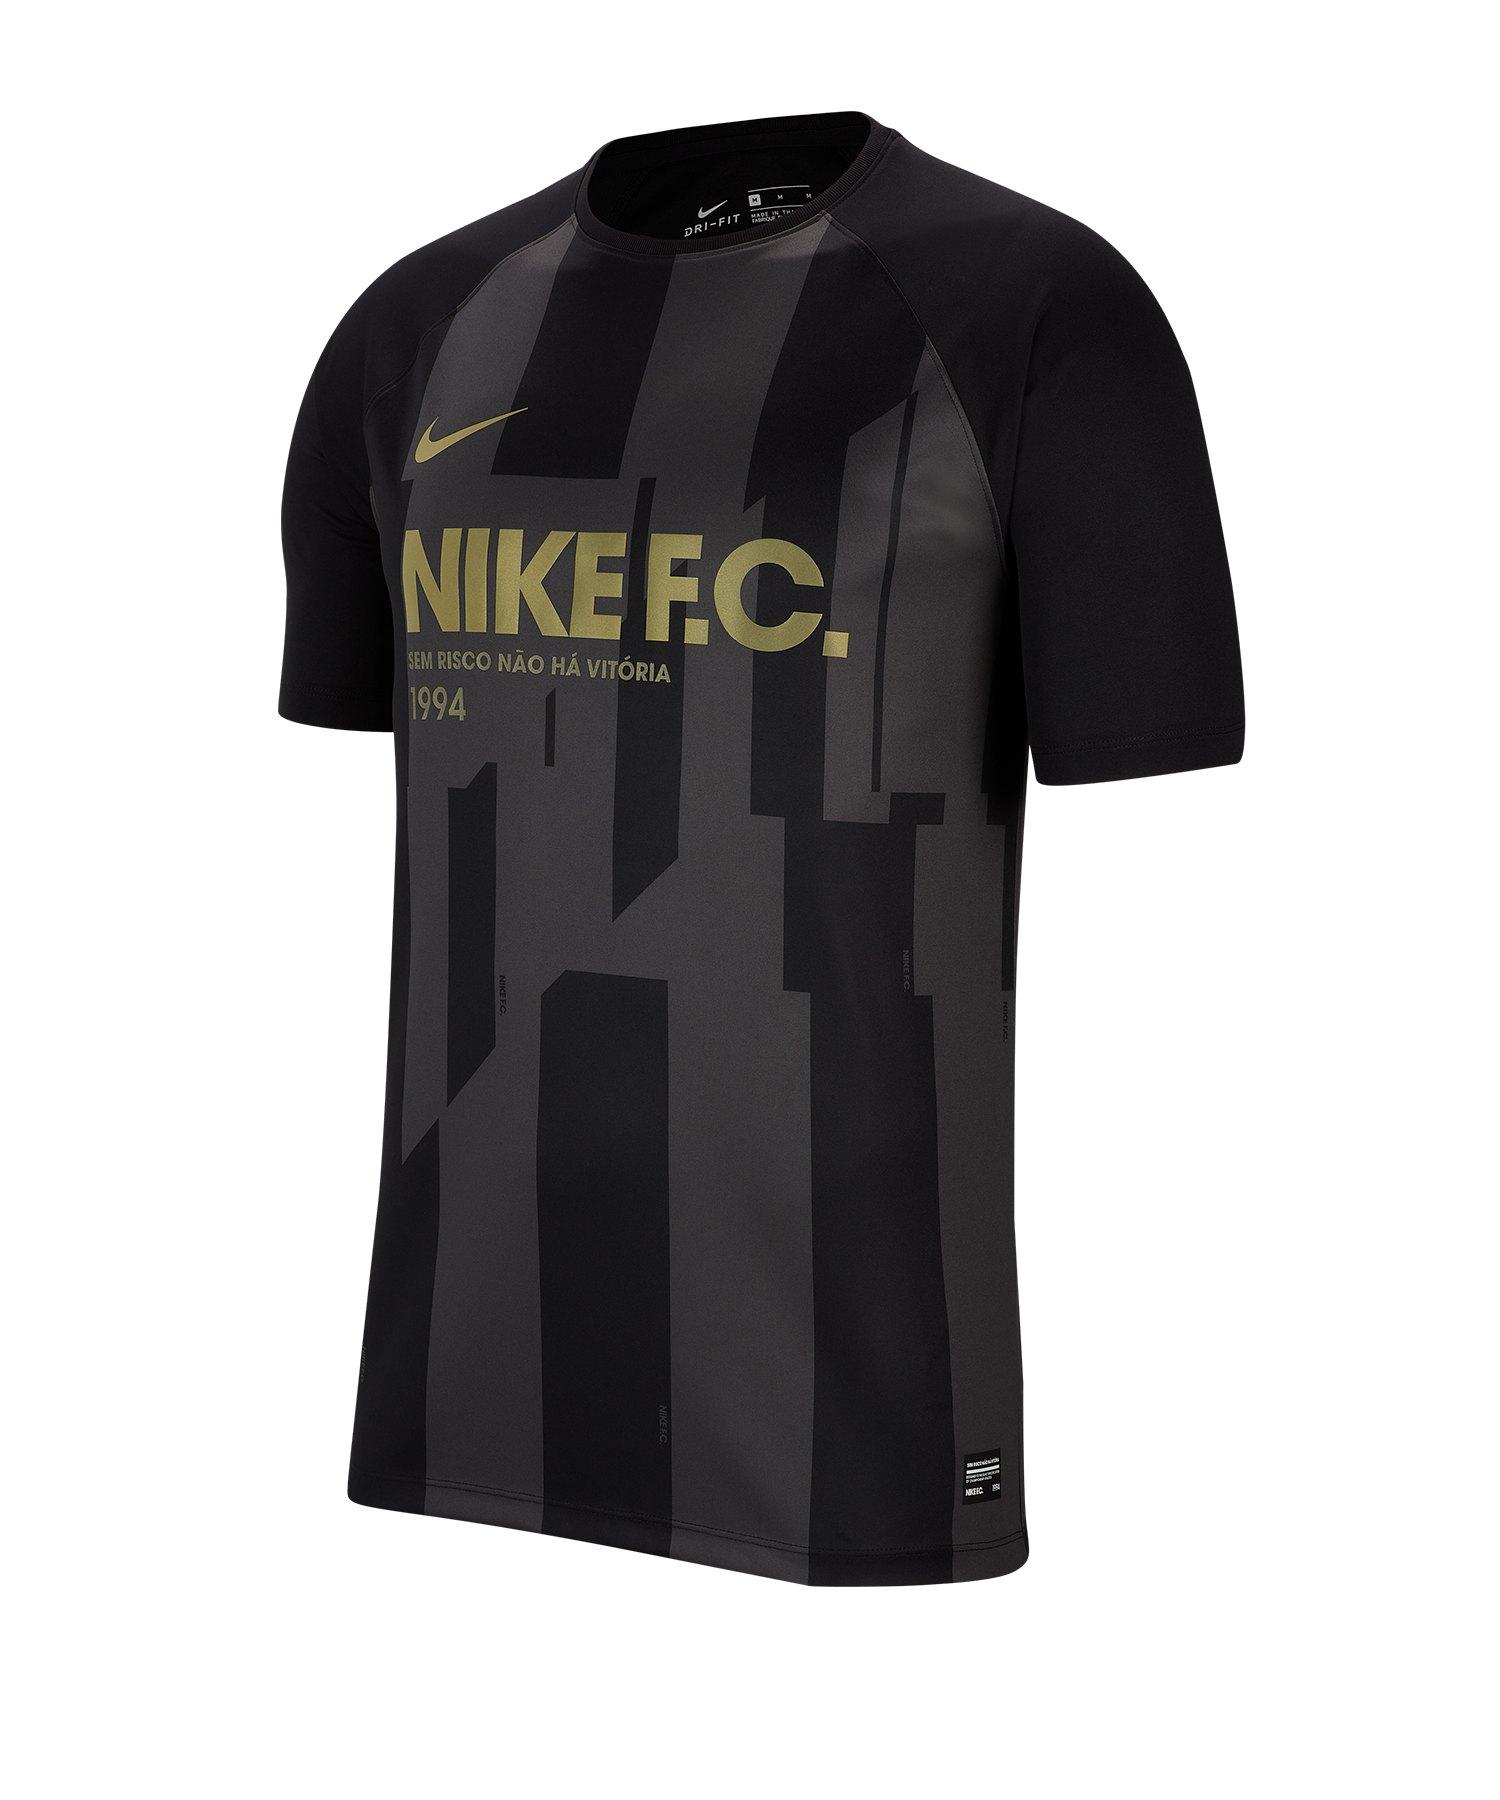 Nike F.C. Trikot kurzarm Schwarz F010 - schwarz